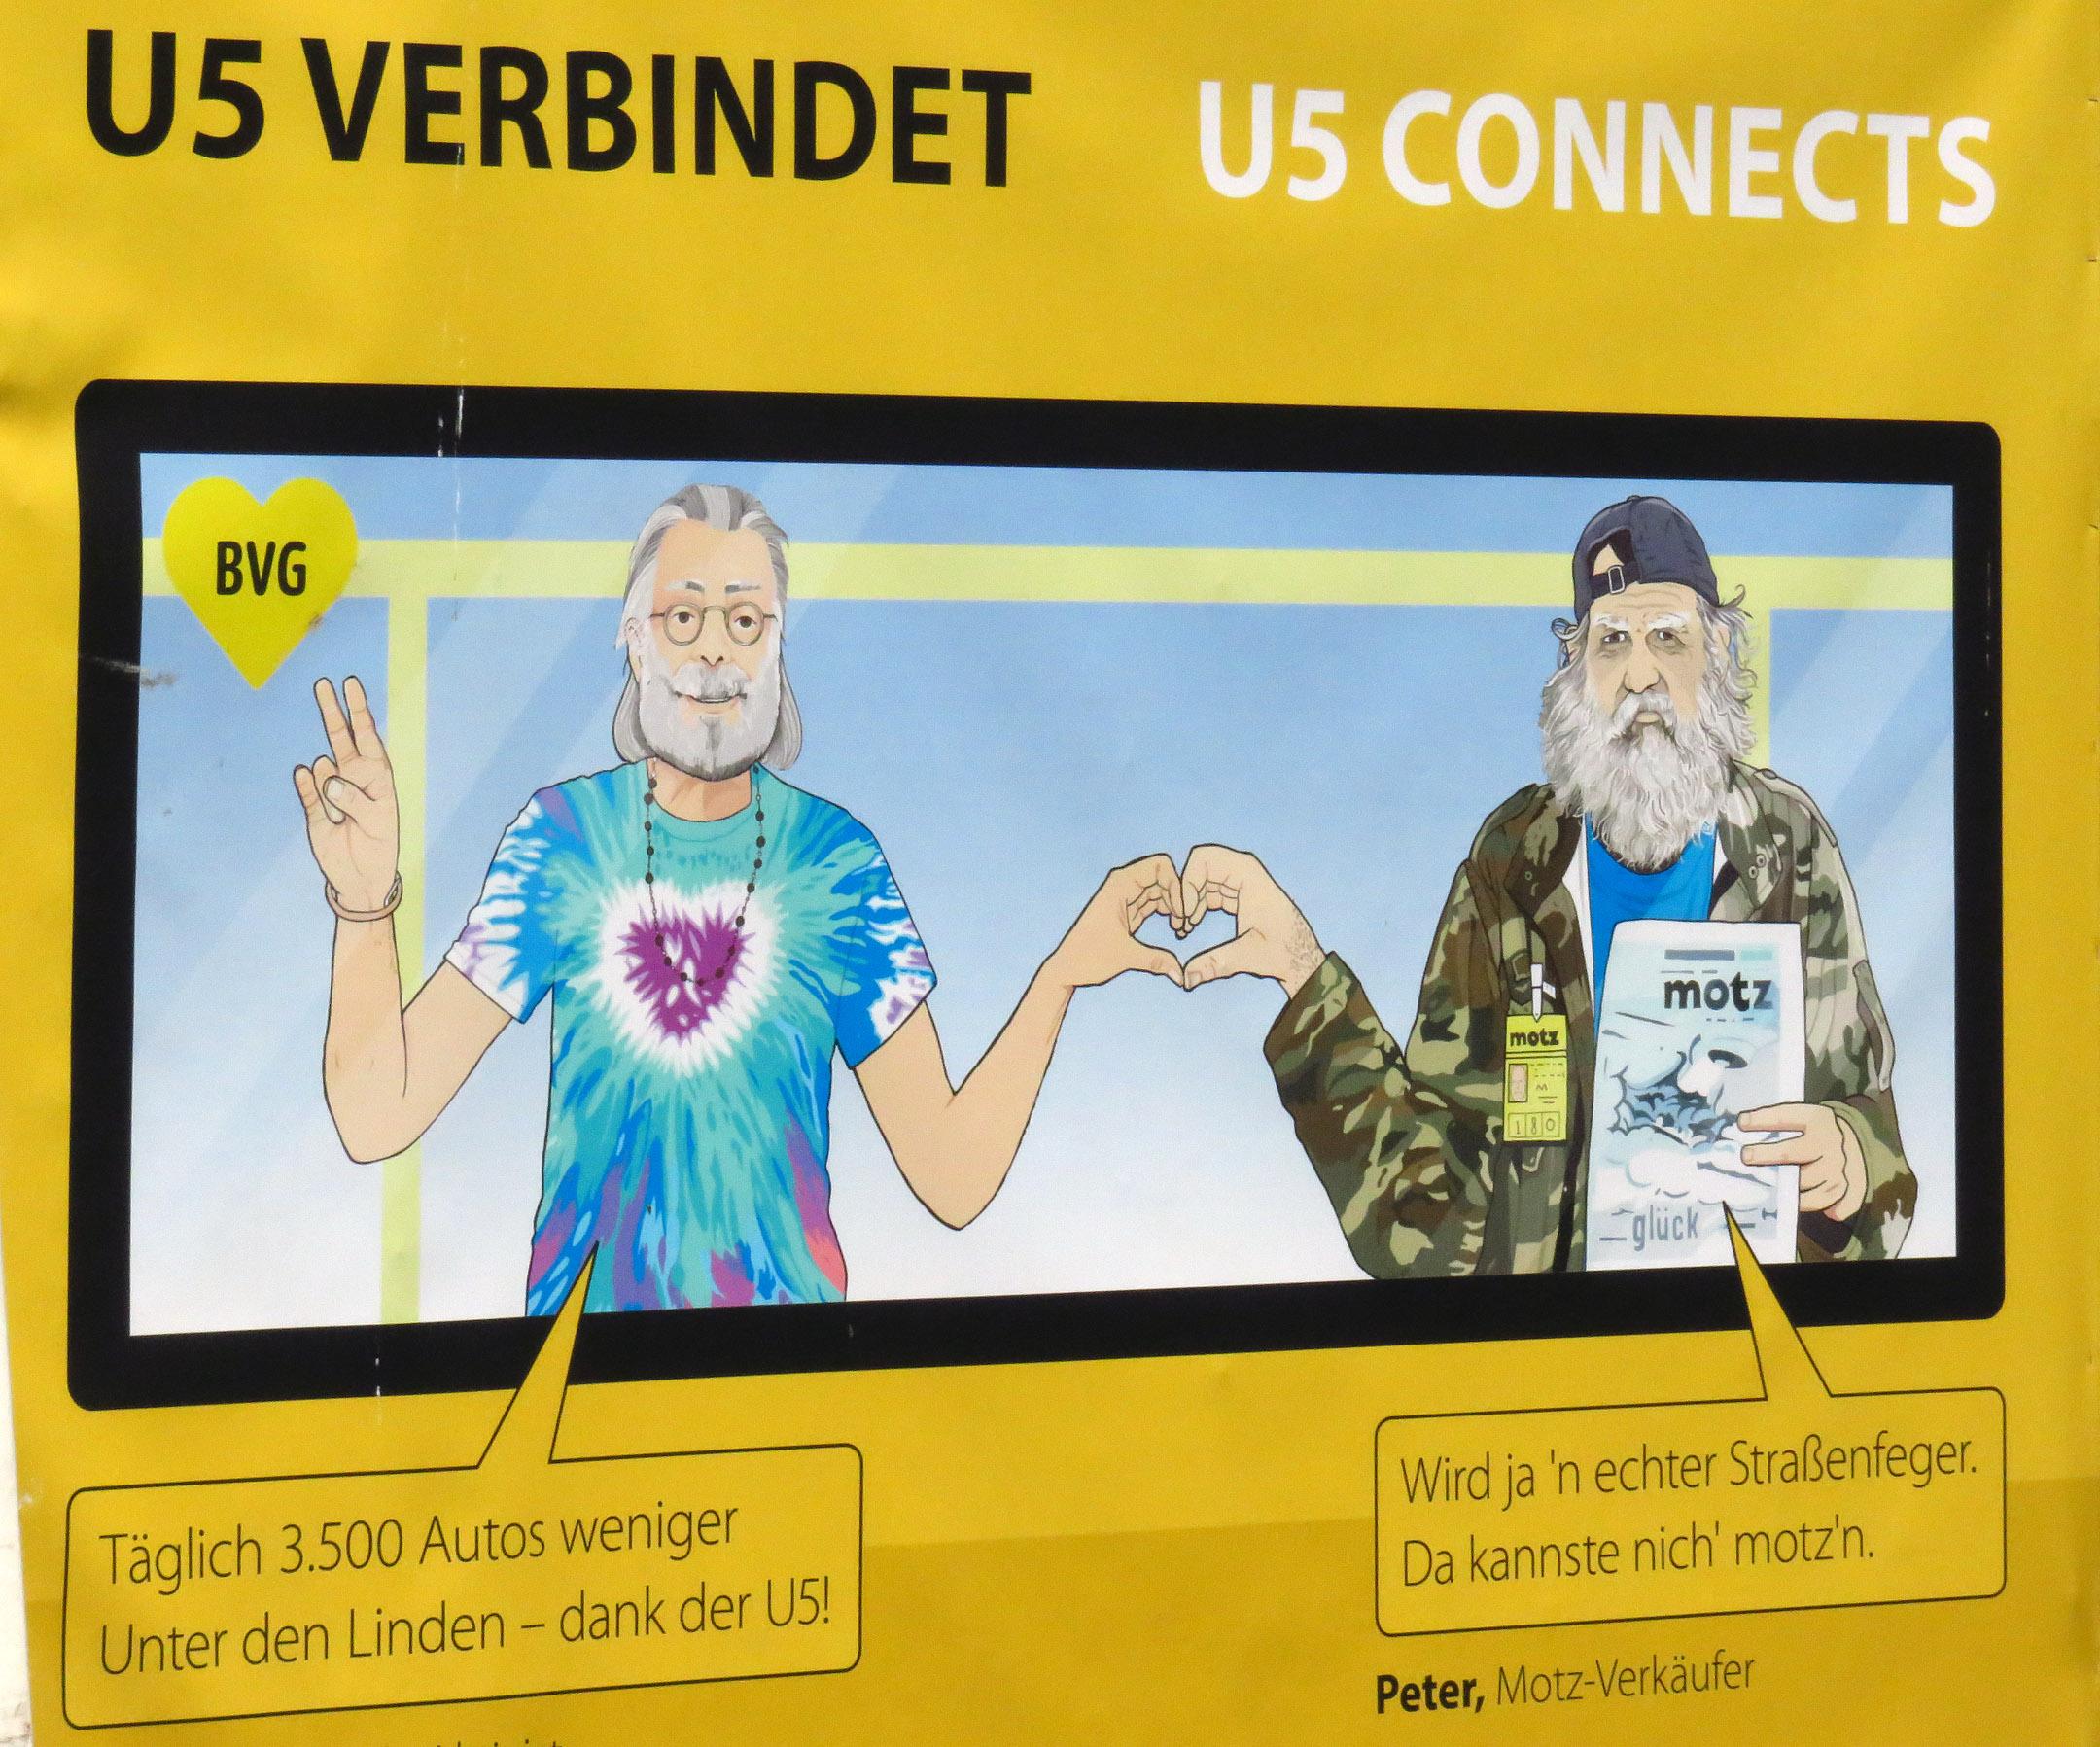 7. Ad on U-Bahn 5